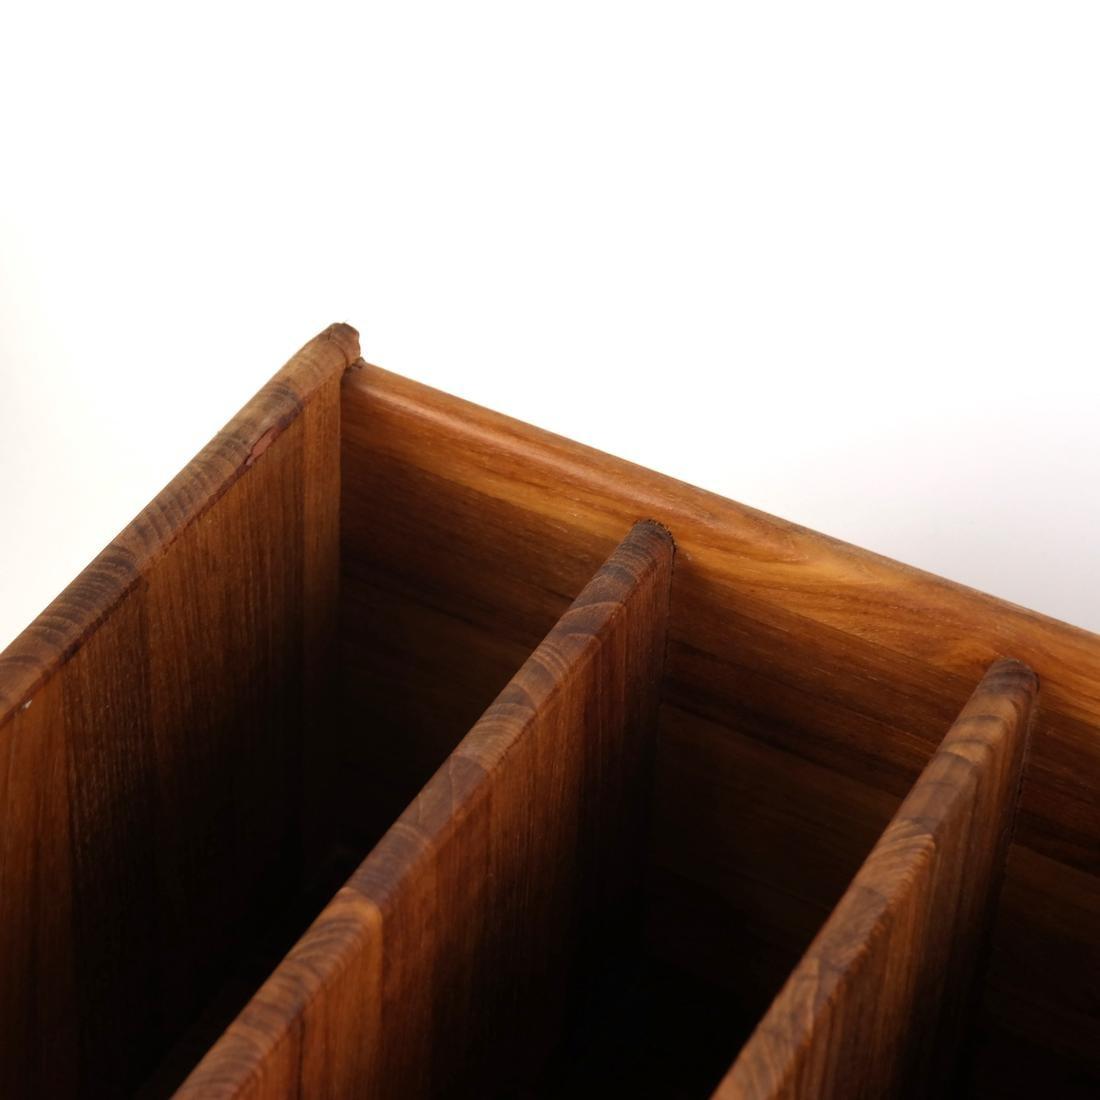 Wooden Desk Organizer - 5